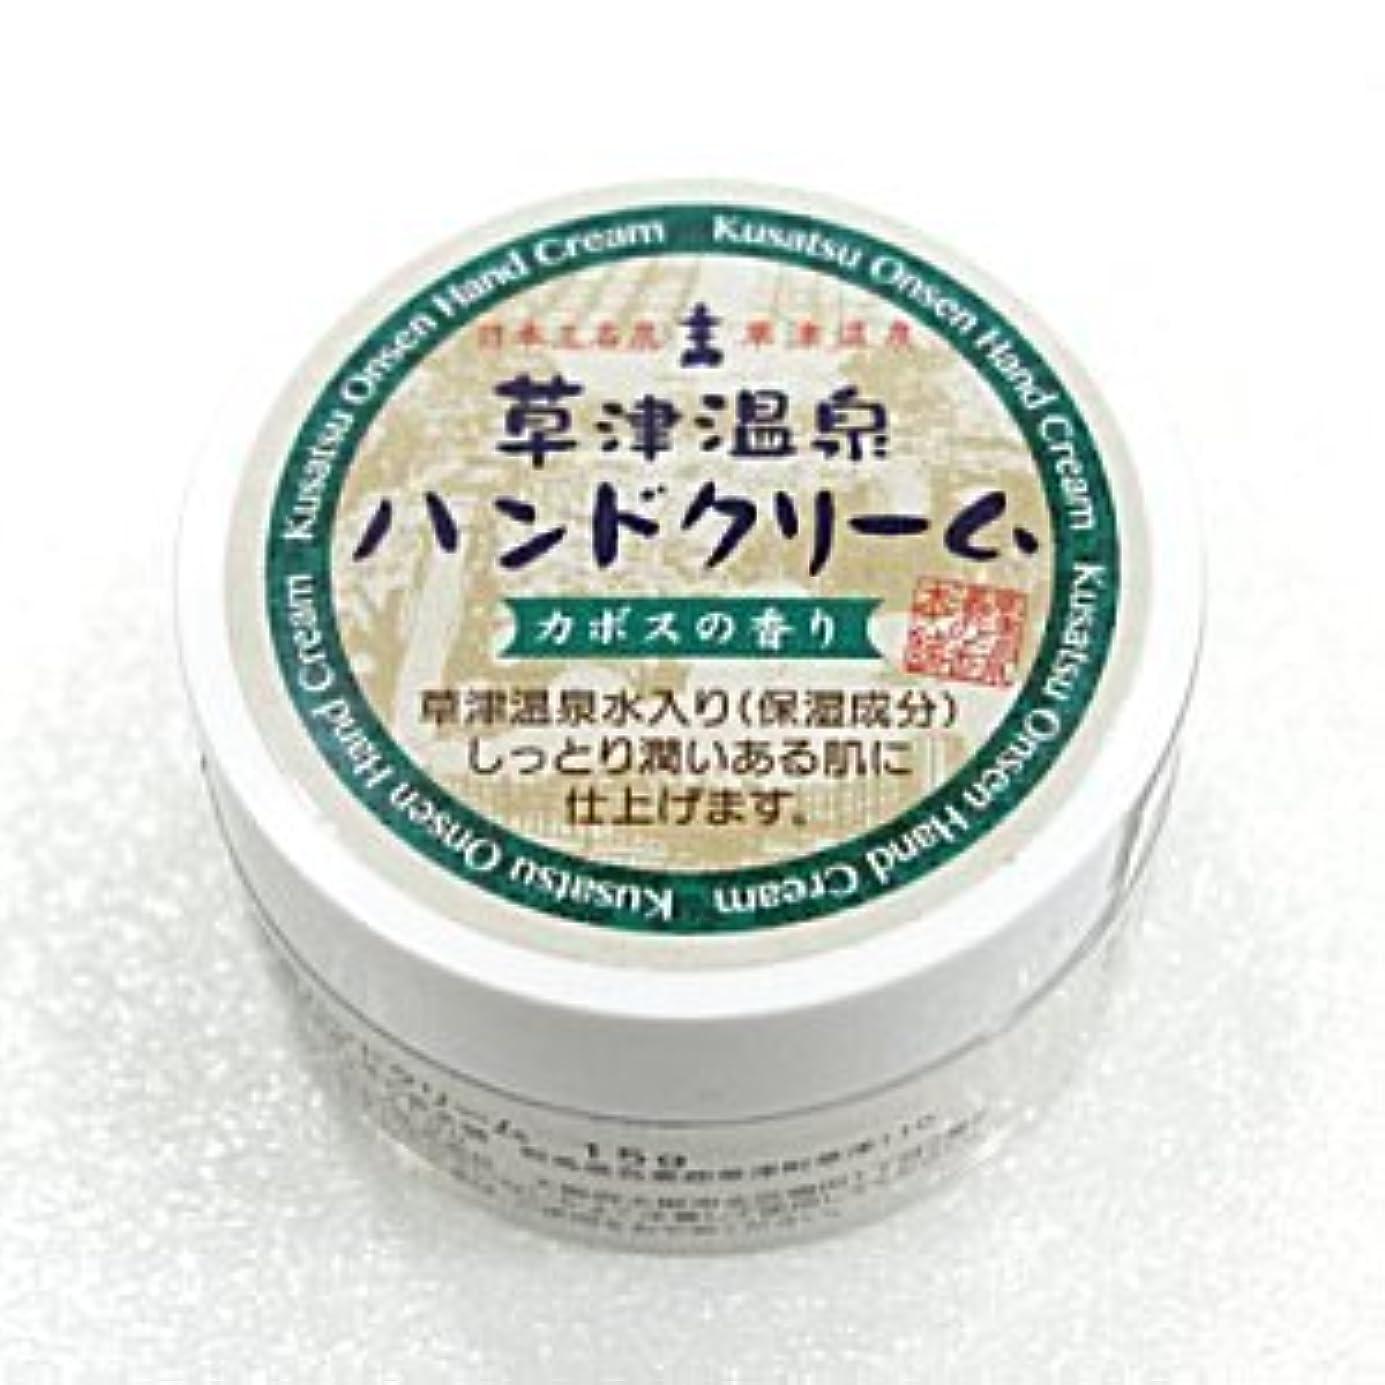 防衛広告するノーブル草津温泉ハンドクリーム カボスの香り 15g